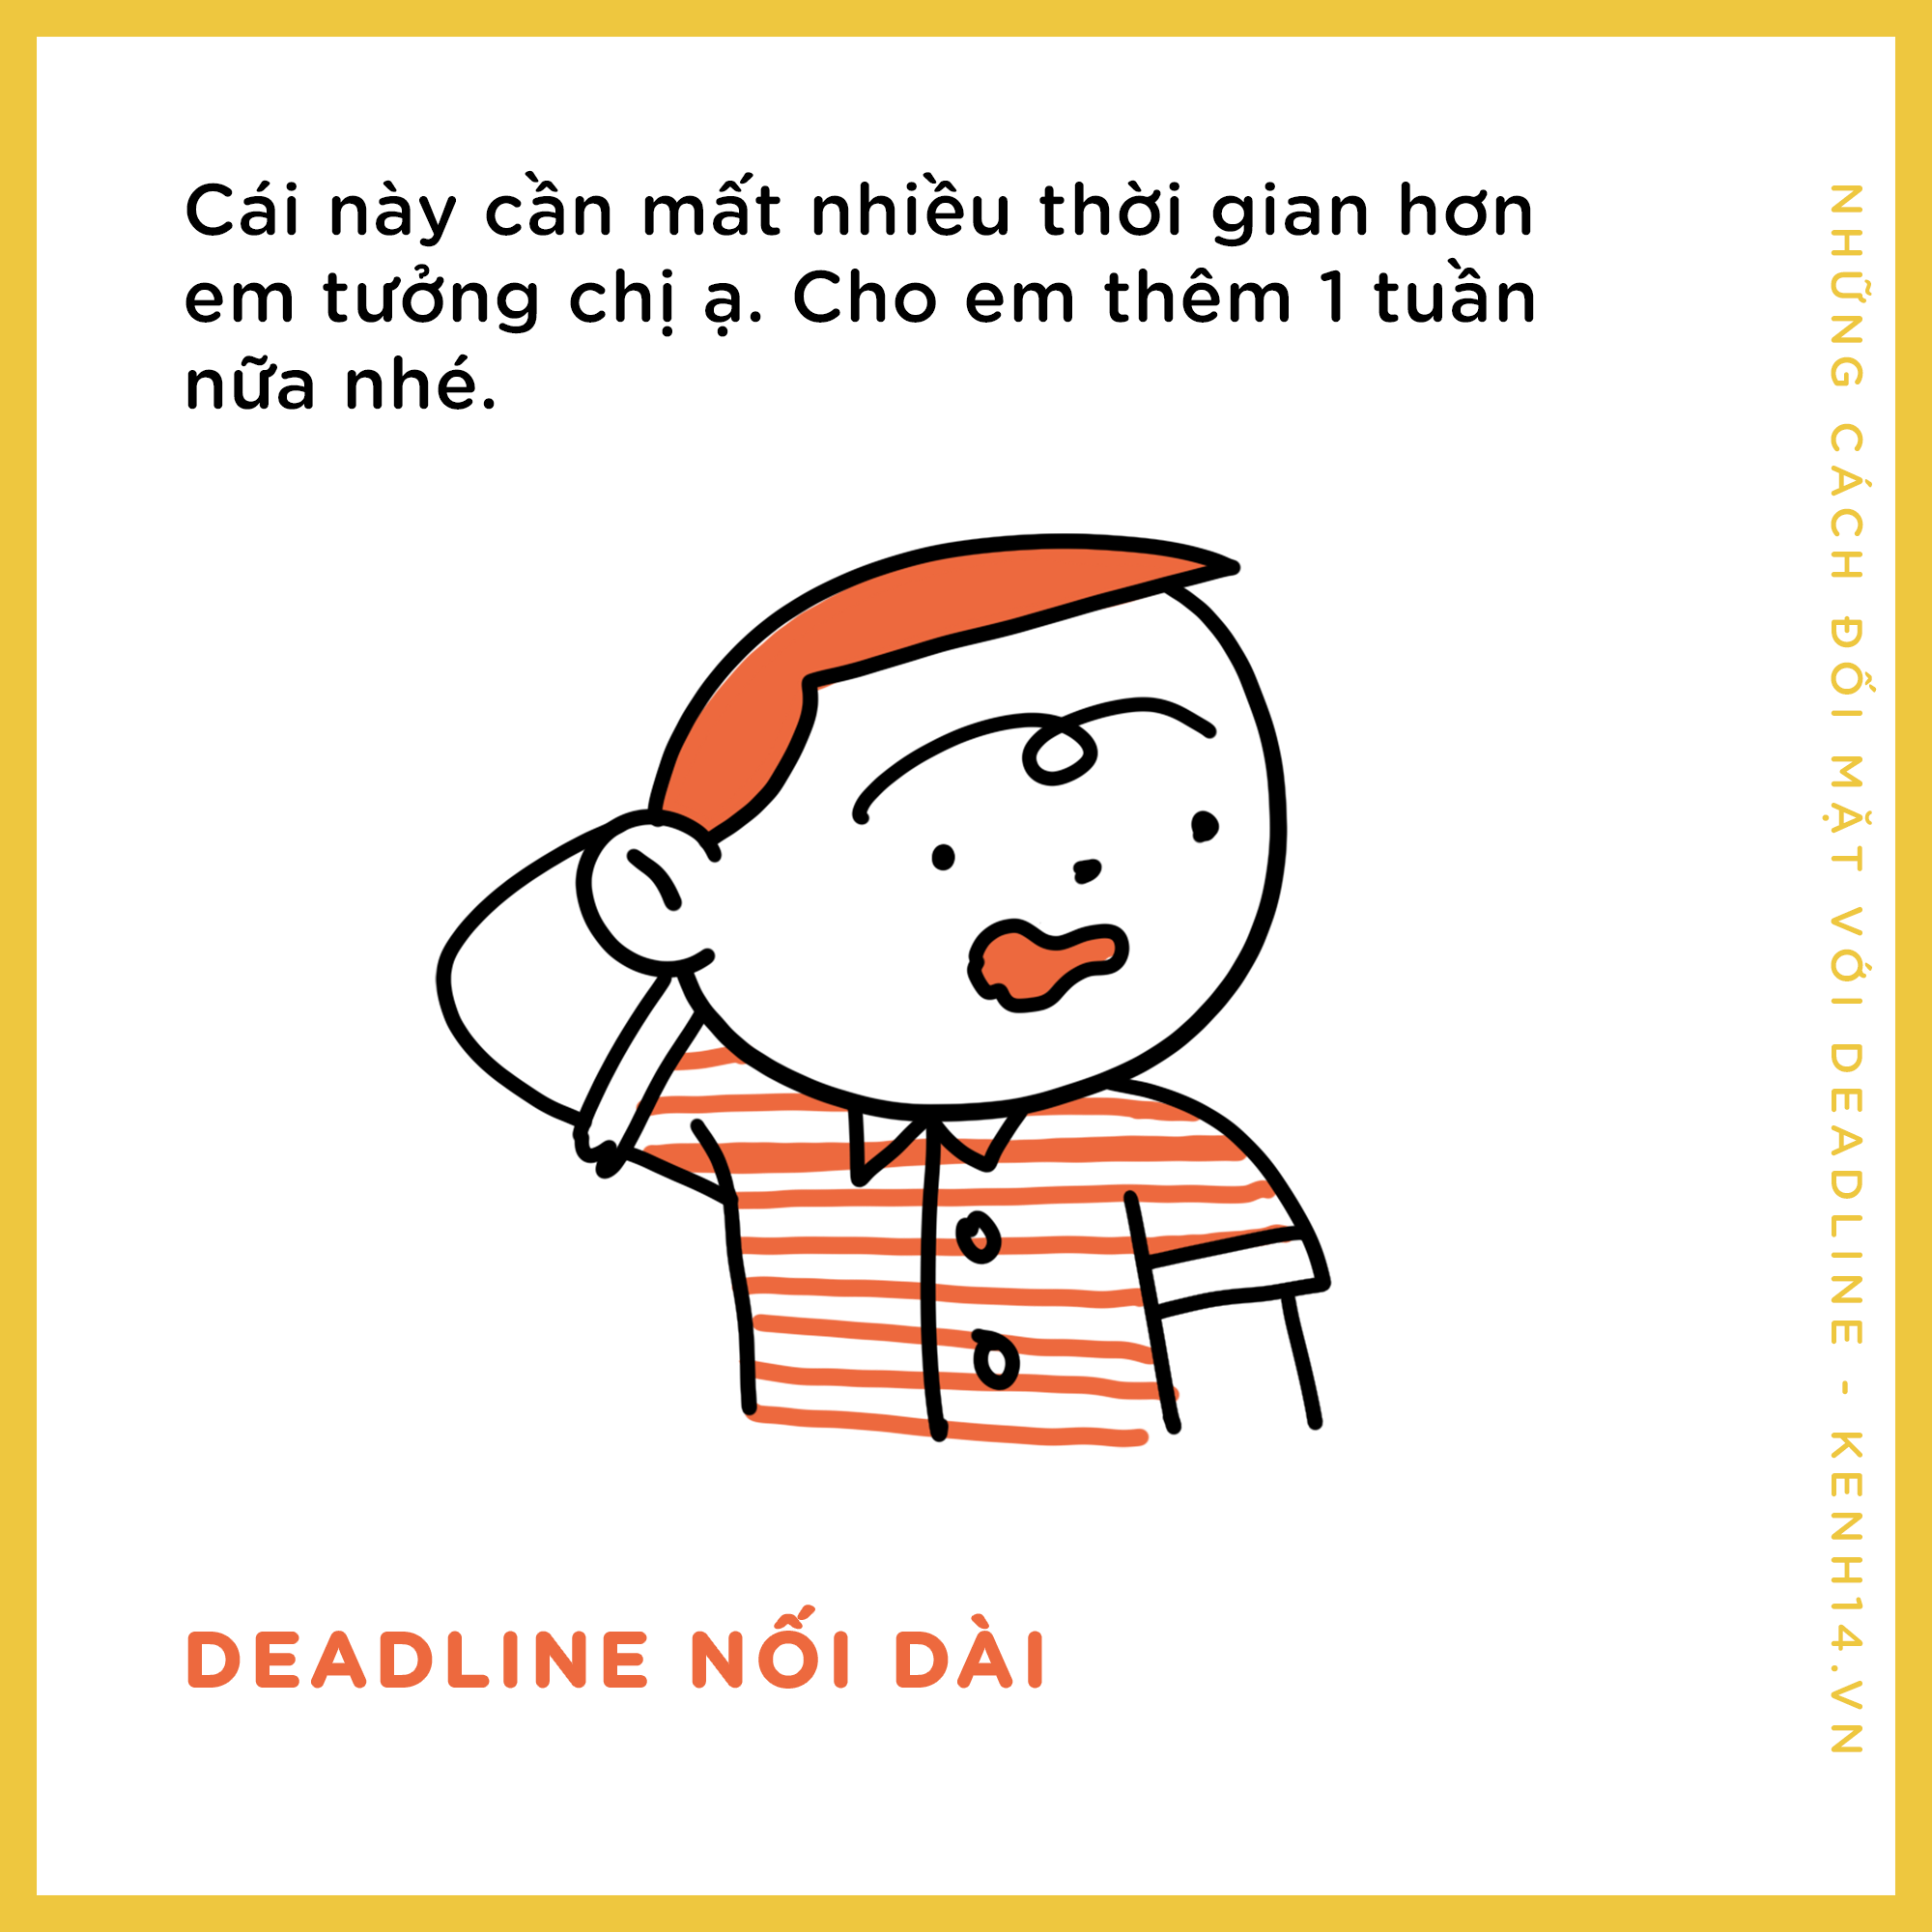 Lỡ trễ deadline rồi phải làm gì? Sau đây là 1001 kiểu chày cối deadline nơi công sở - Ảnh 15.